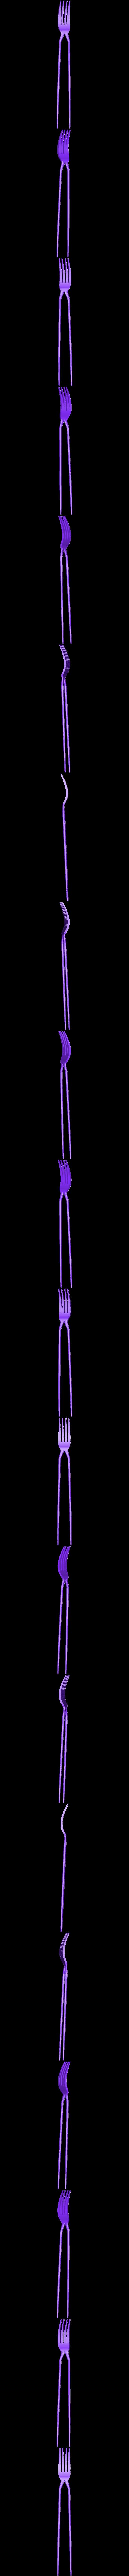 forkstick.stl Télécharger fichier STL gratuit Fourchette-baguettes (Forkstick) • Plan à imprimer en 3D, M3Dr